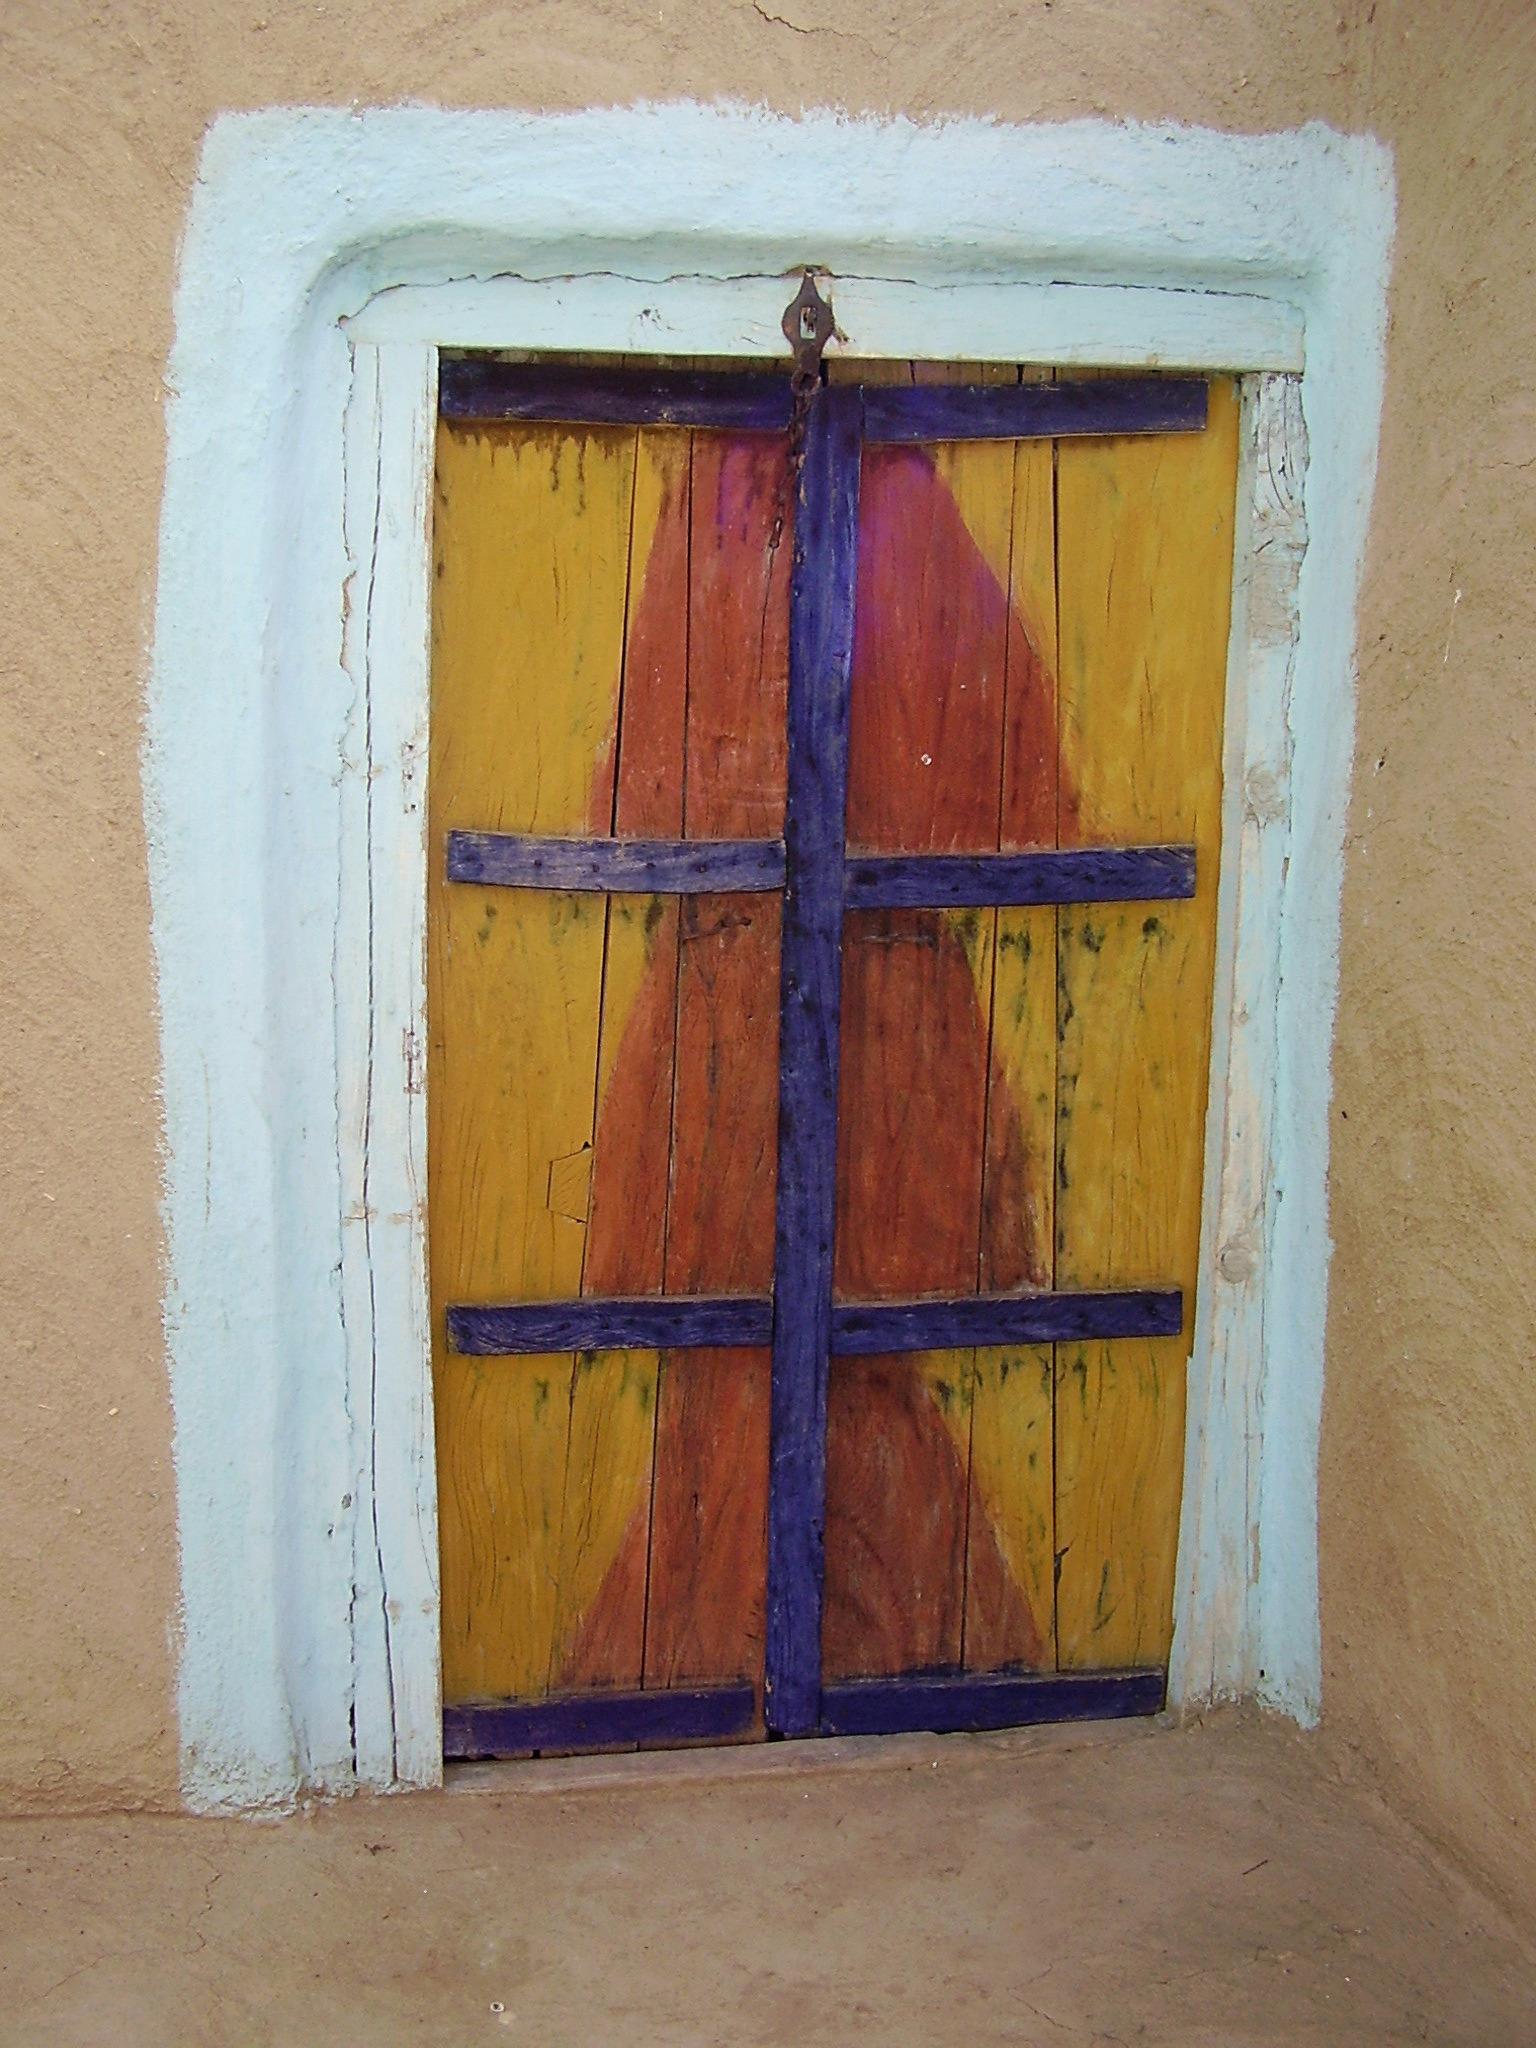 Door | Wikidwelling | FANDOM powered by Wikia